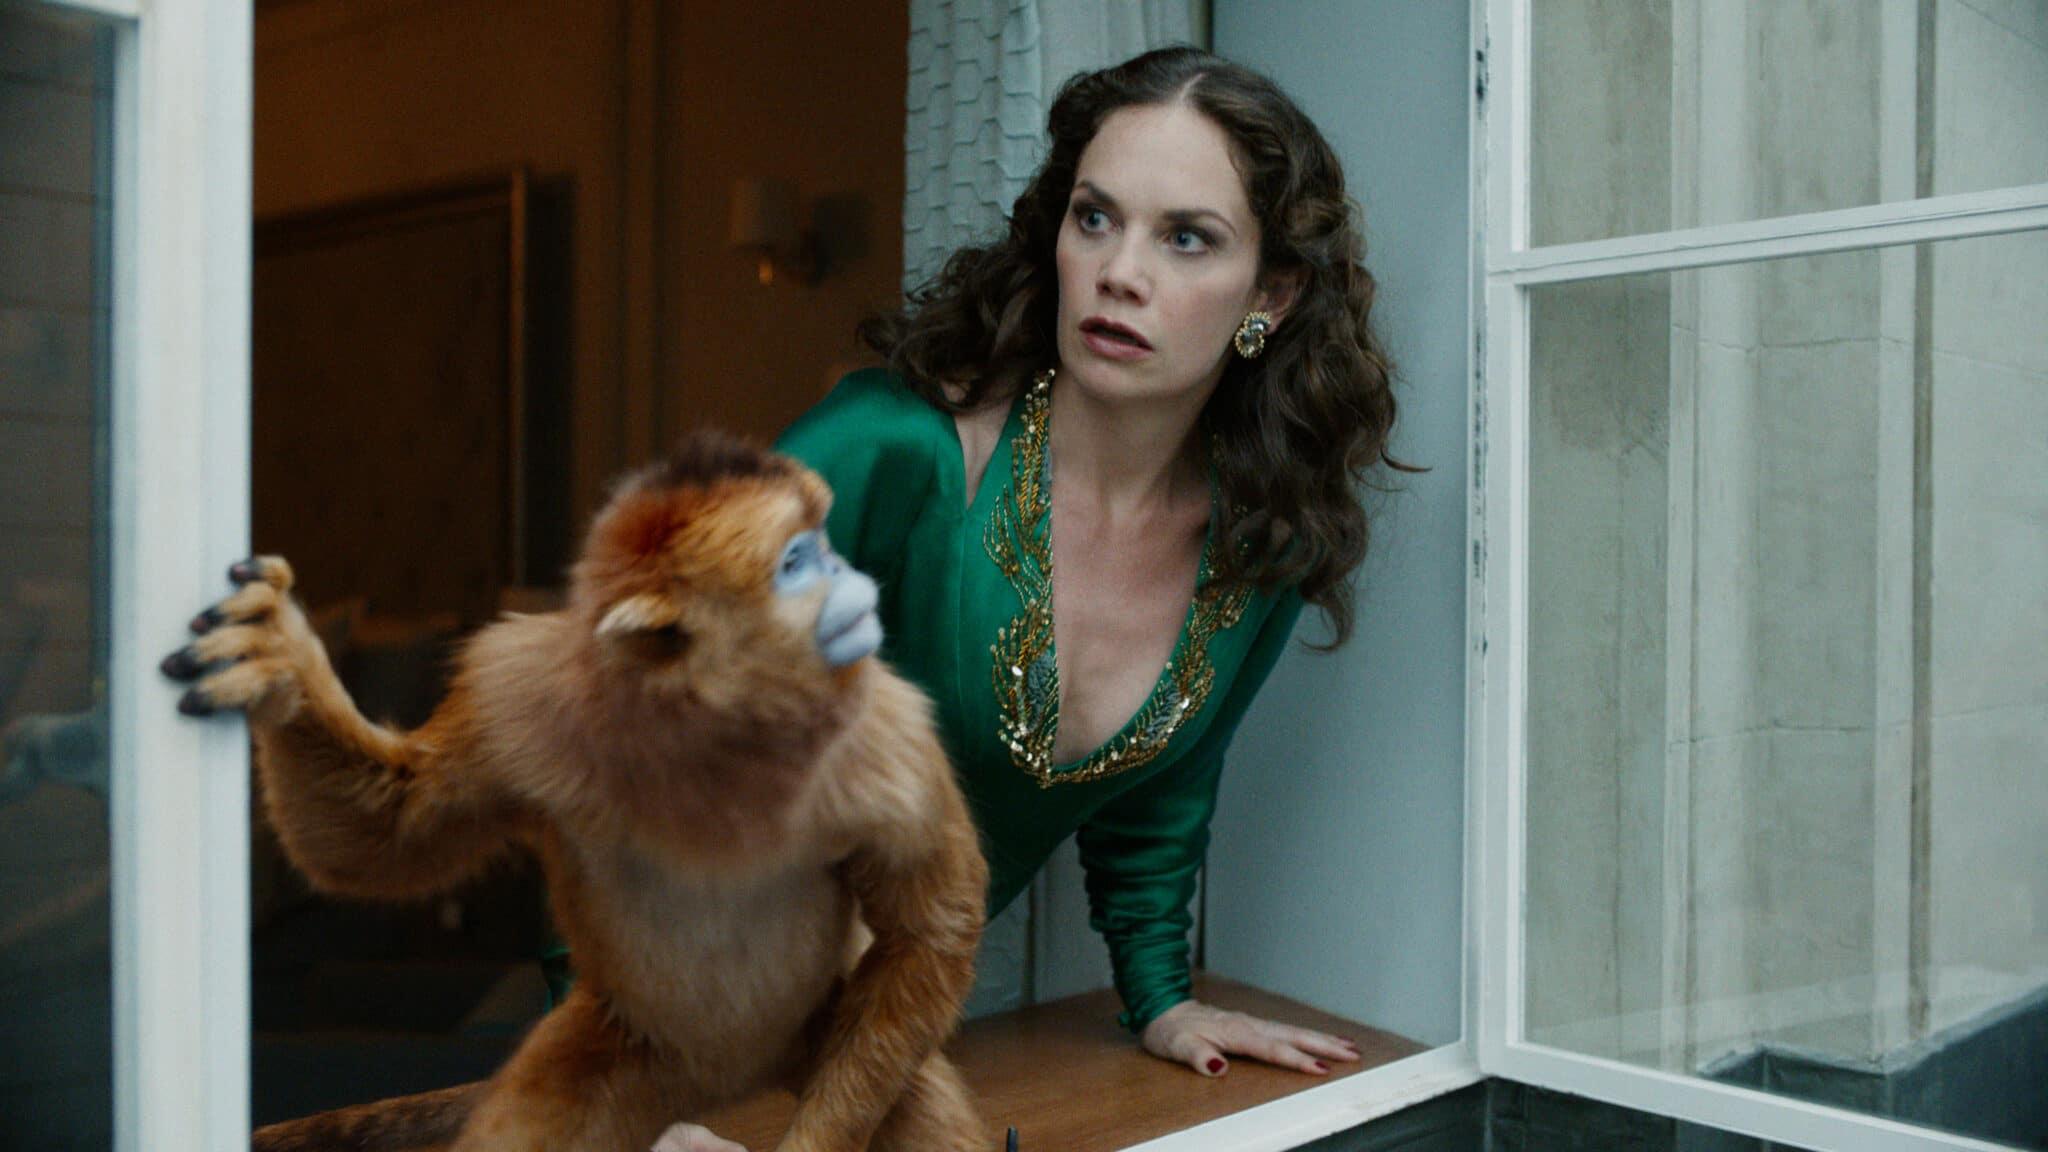 Ms. Coulter (Ruth Wilson) blickt erschrocken aus dem Fenster. Sie trägt ein grünes Kleid und vor ihr auf dem Sims sitzt ein Affe.